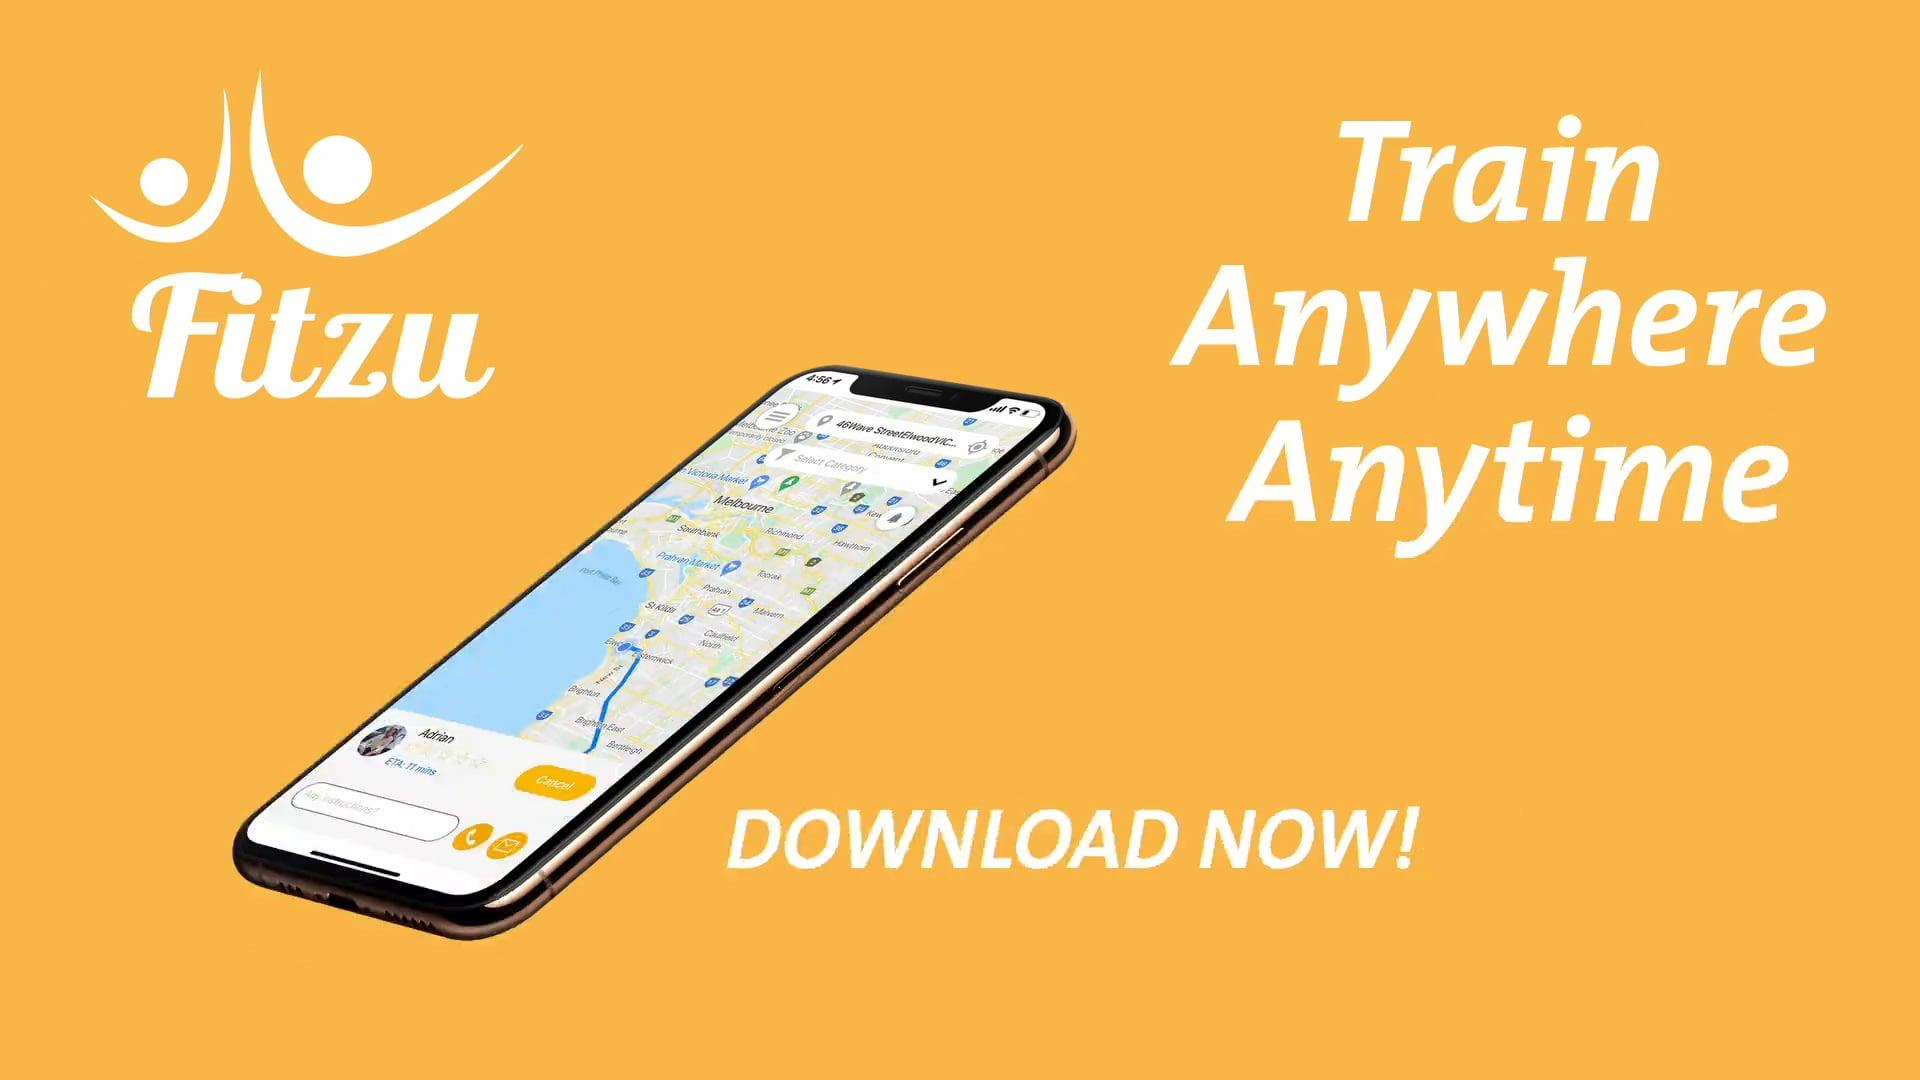 Fitzu app promo video